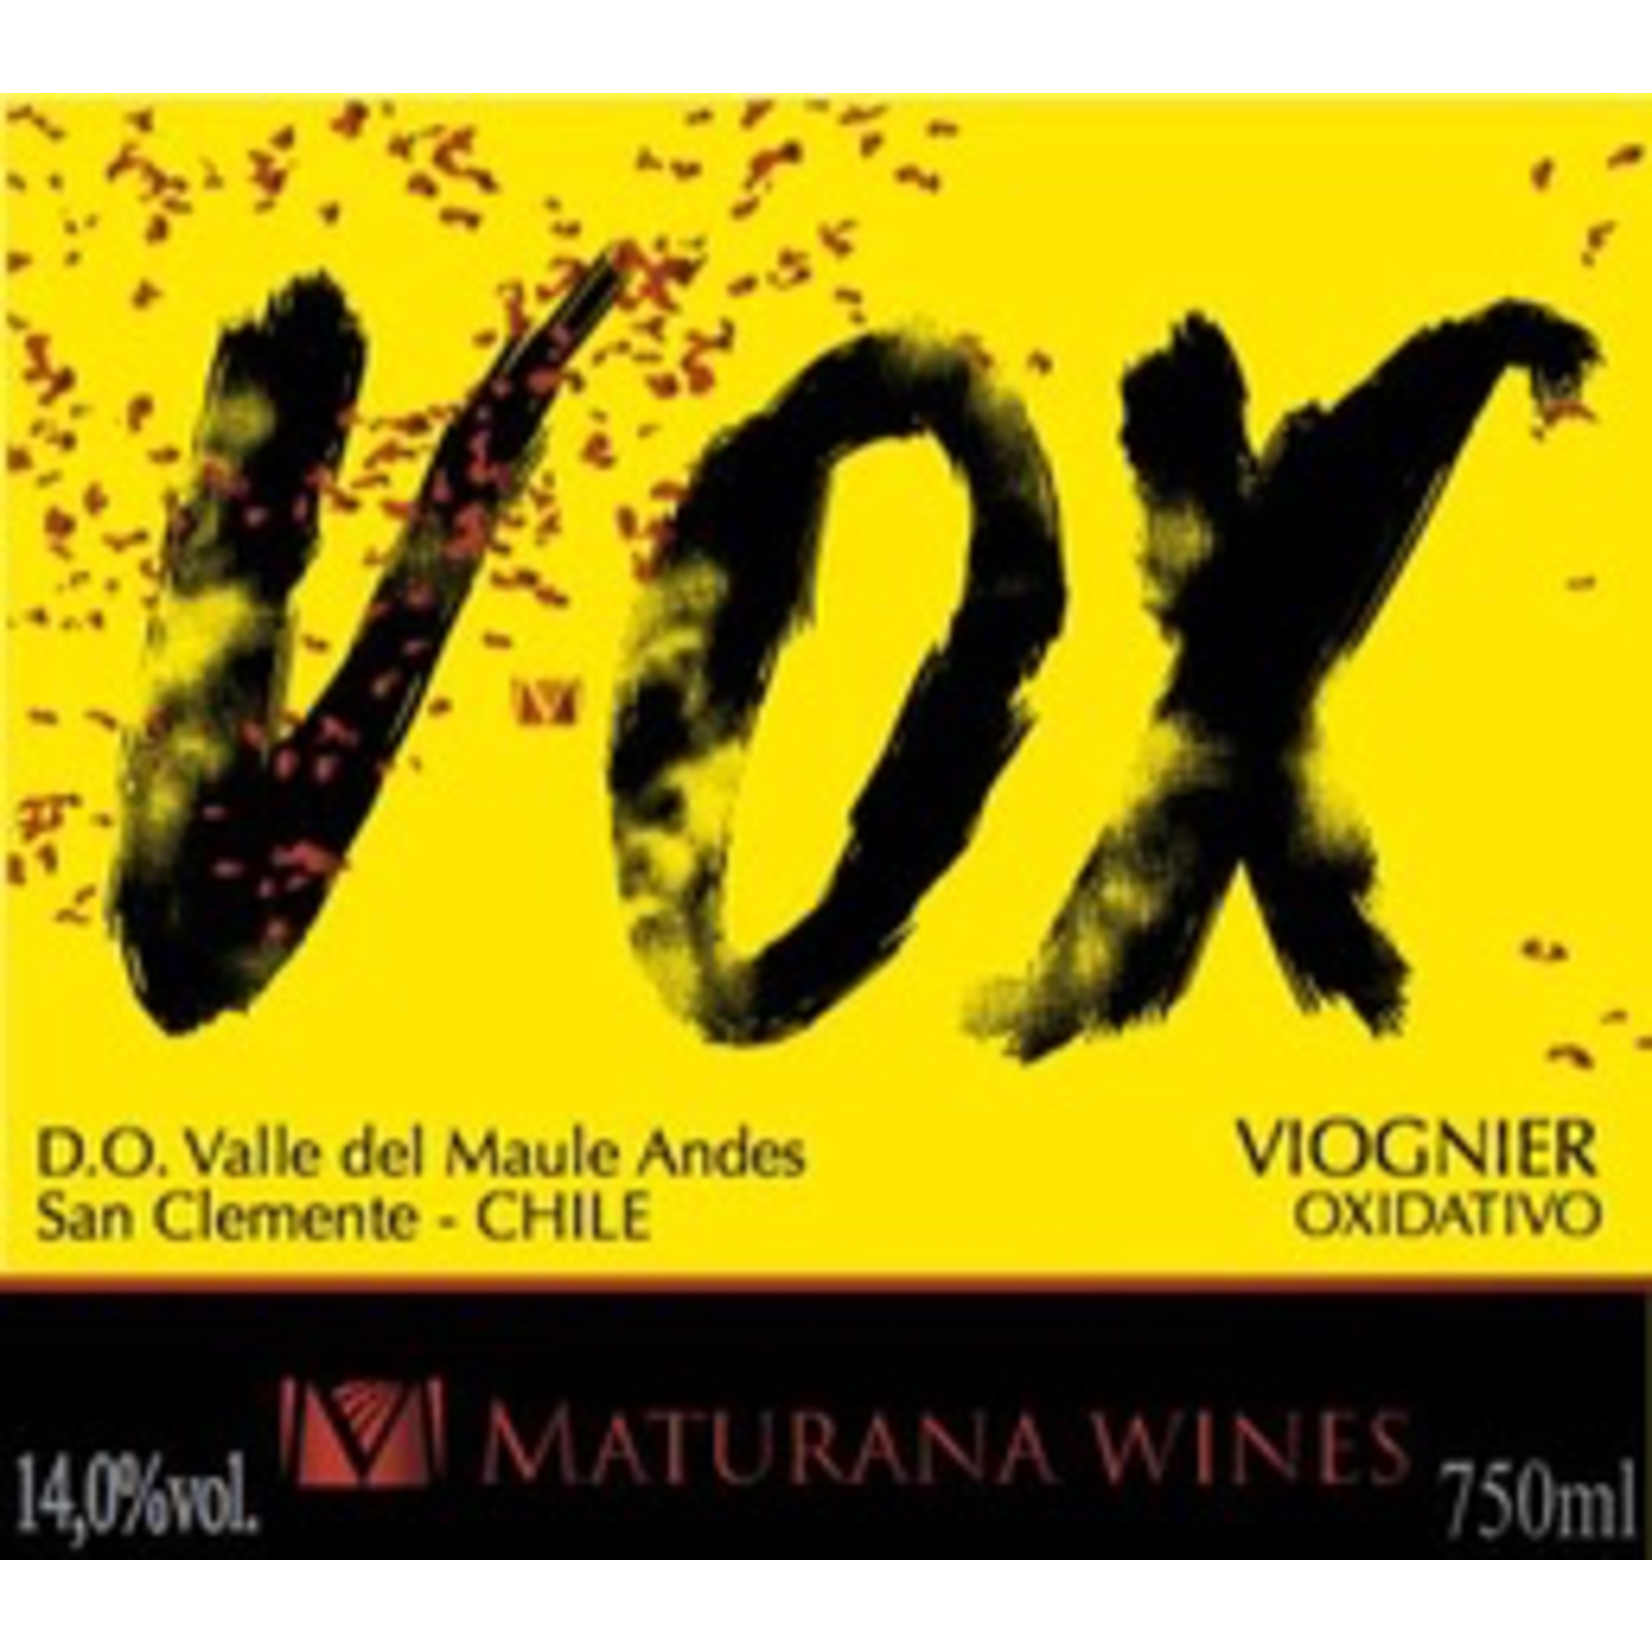 Wine Maturana Wines VOX Viognier Oxidativo Valle del Maule 2018